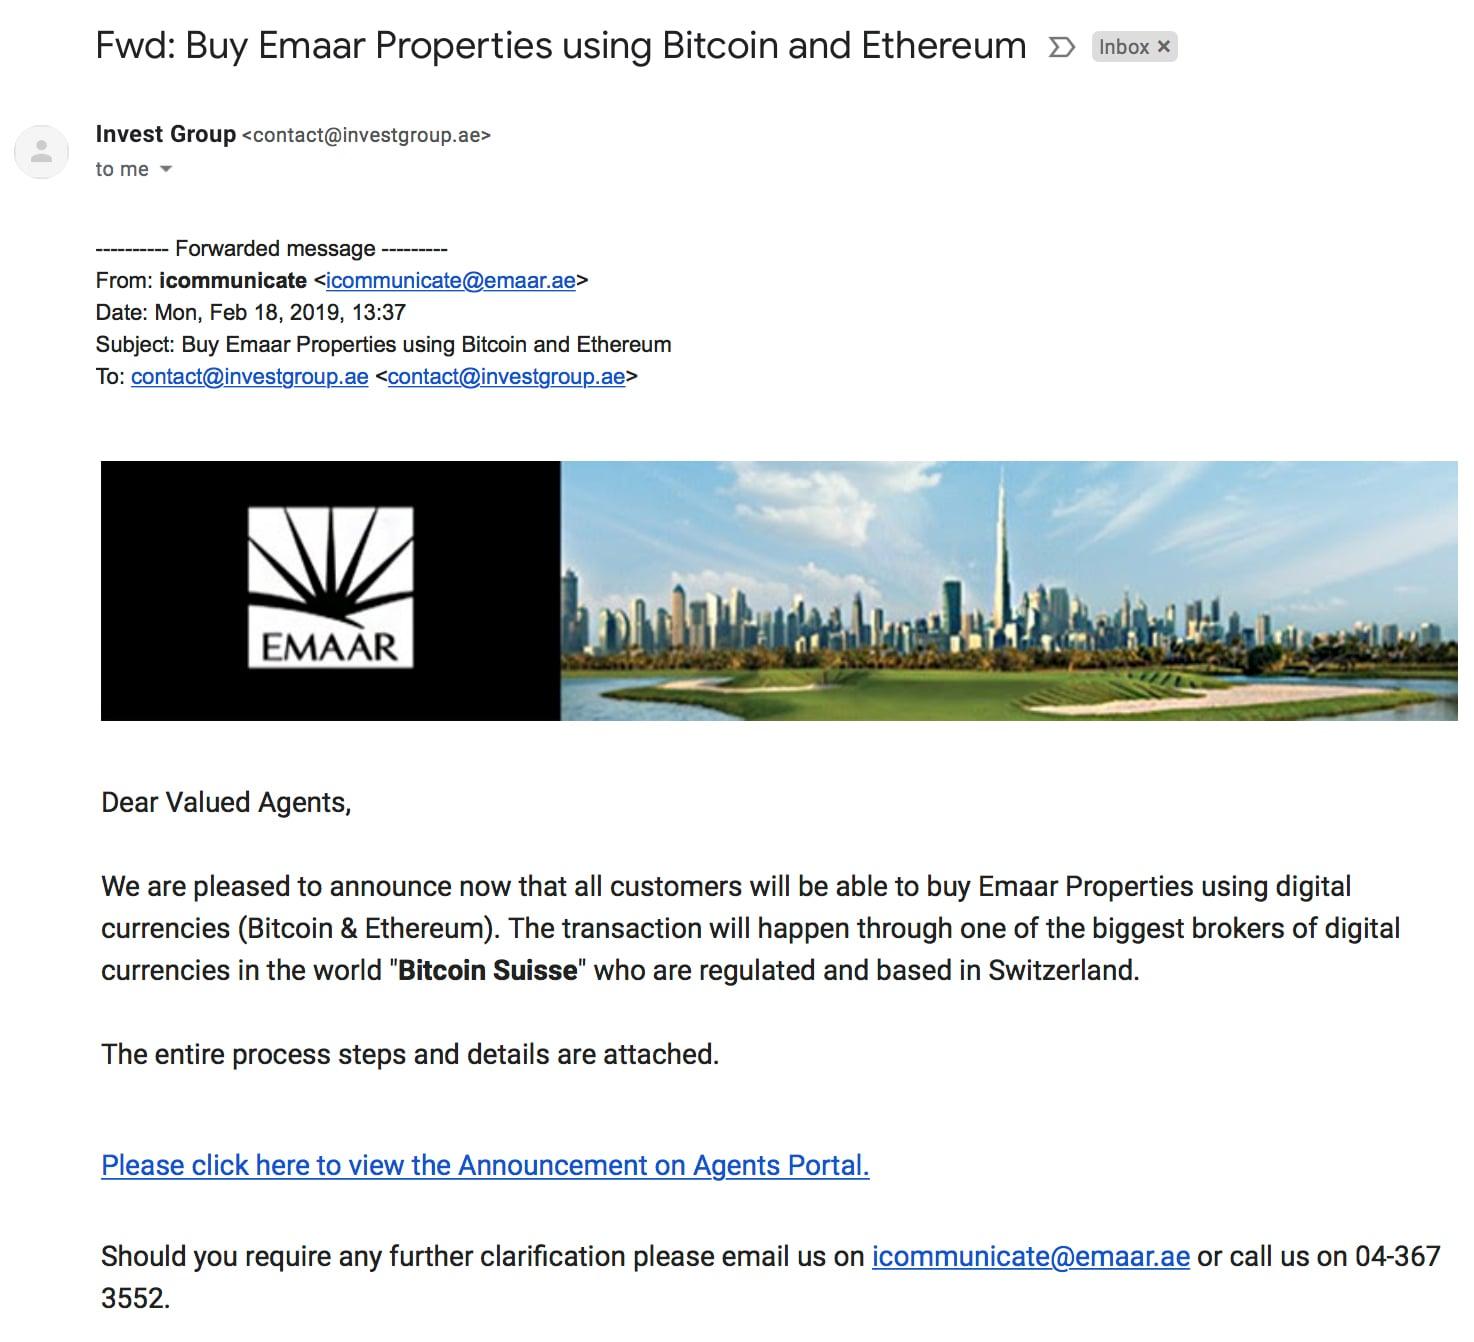 Emaar'ın Bitcoin ve ethereum ile ilgili acentalara gönderdiği e-posta